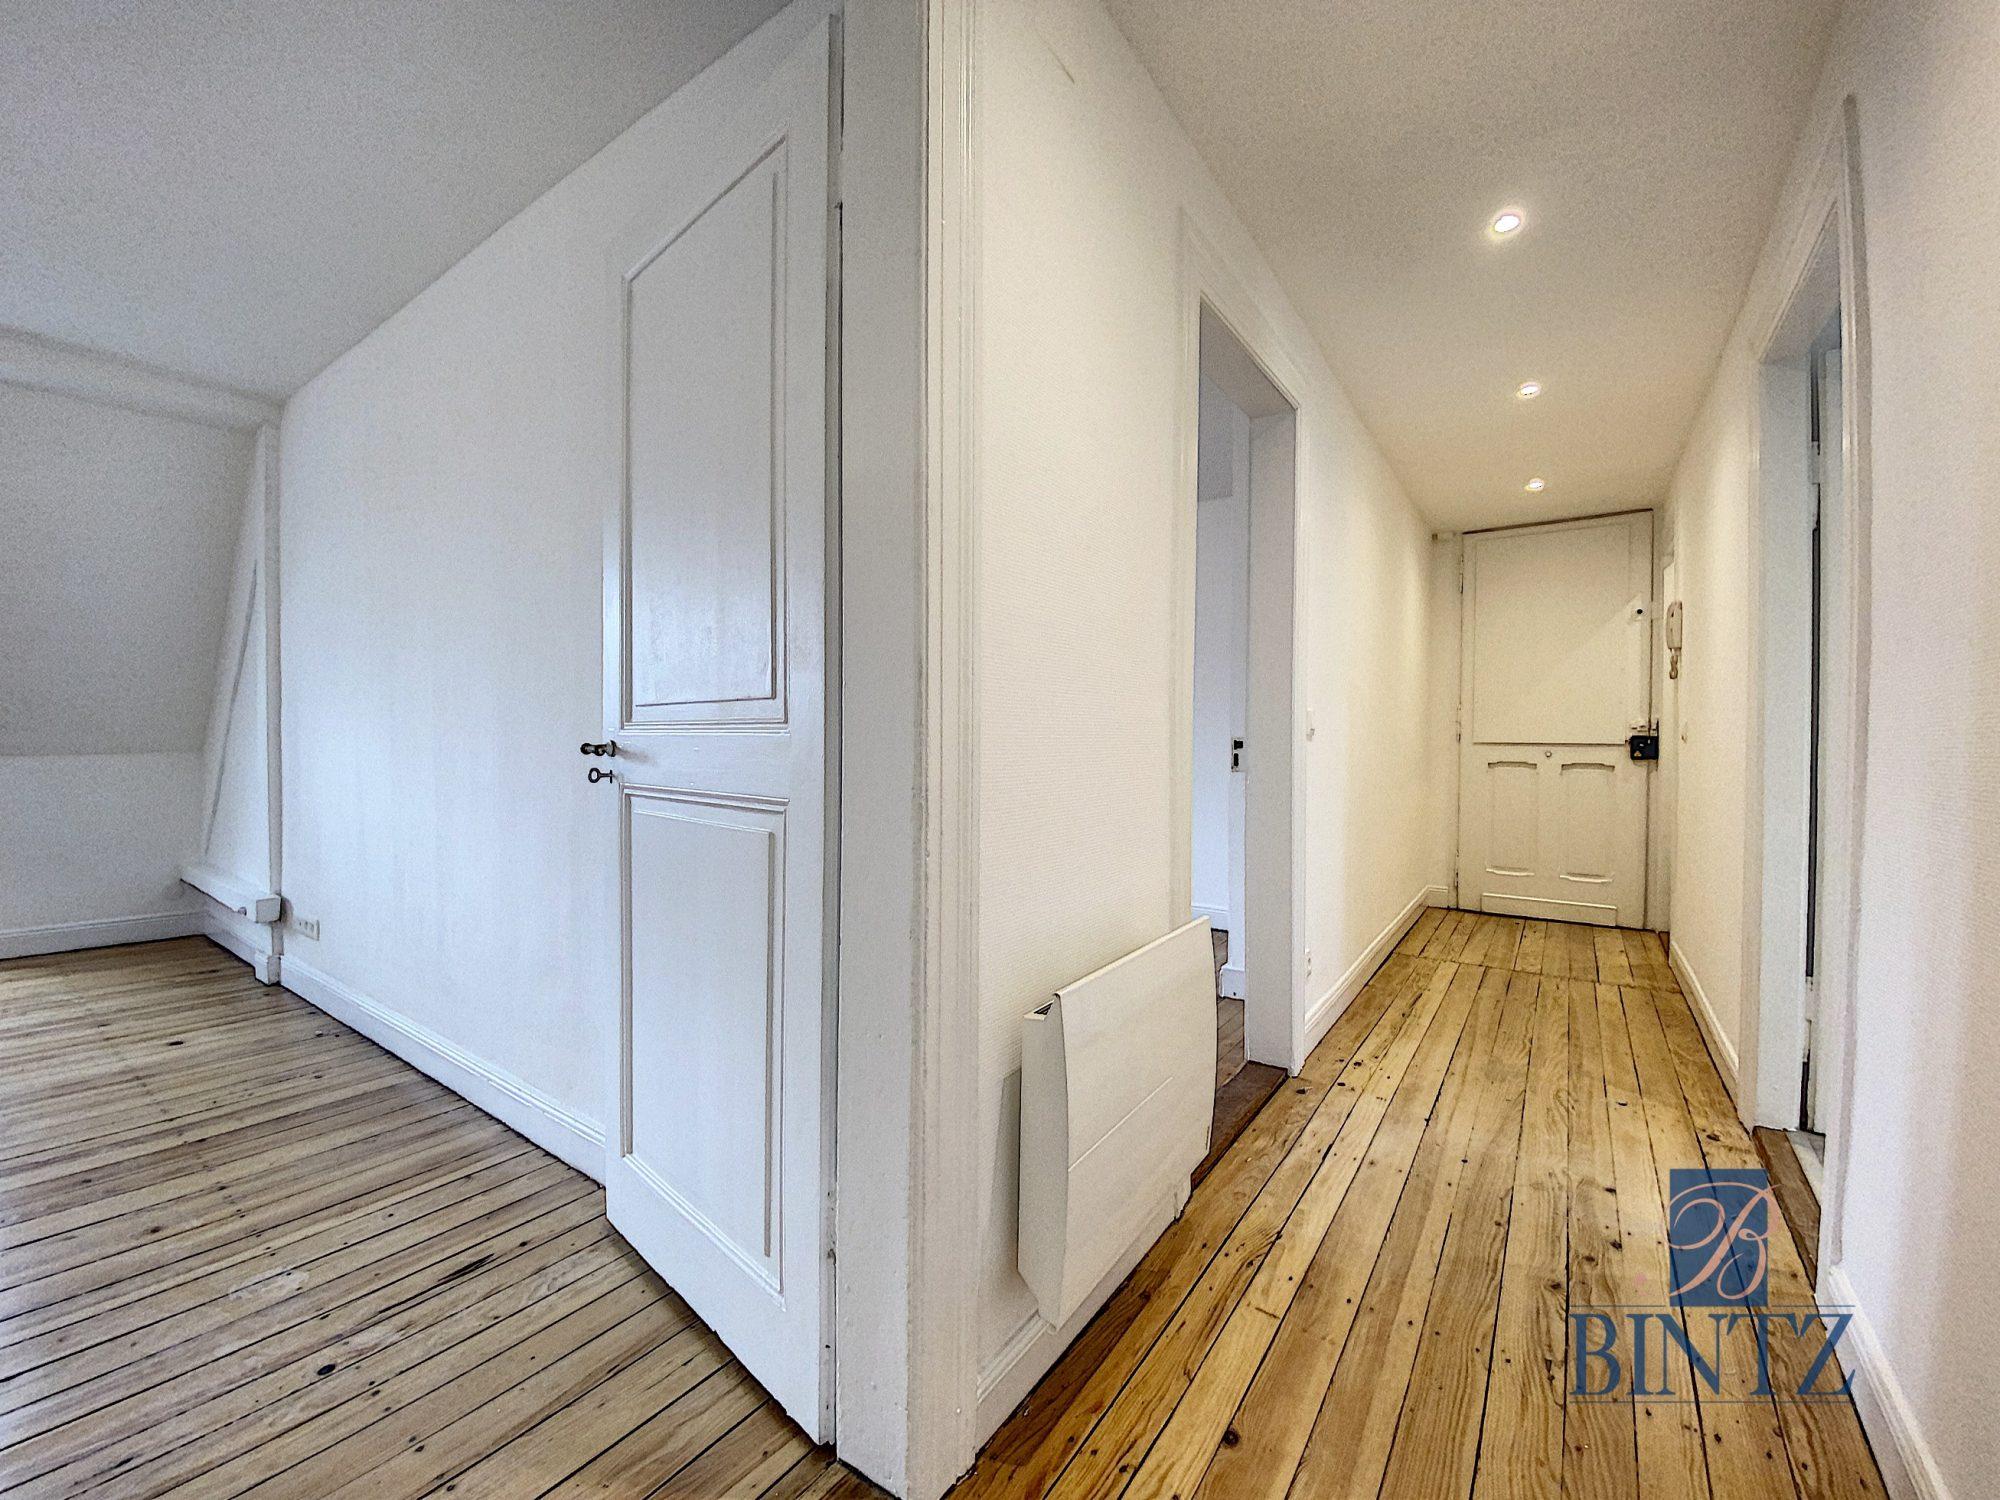 T3 BD LEBLOIS 5EME - Devenez locataire en toute sérénité - Bintz Immobilier - 5